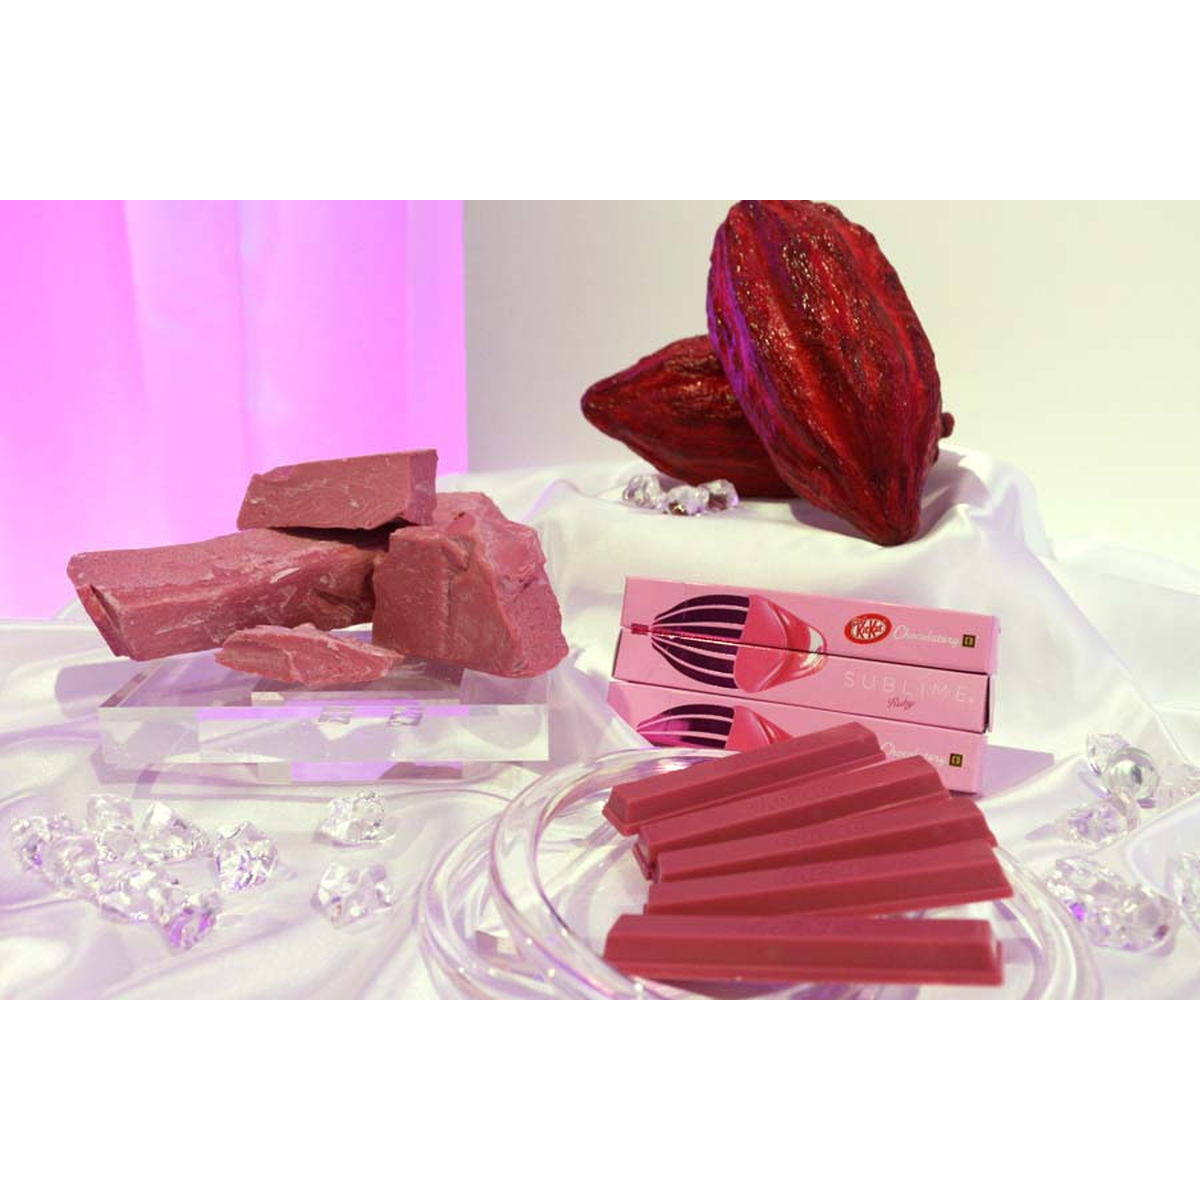 """その名も""""ルビー""""! 天然のピンク色とベリー風味が不思議なチョコレートを食べてきた"""